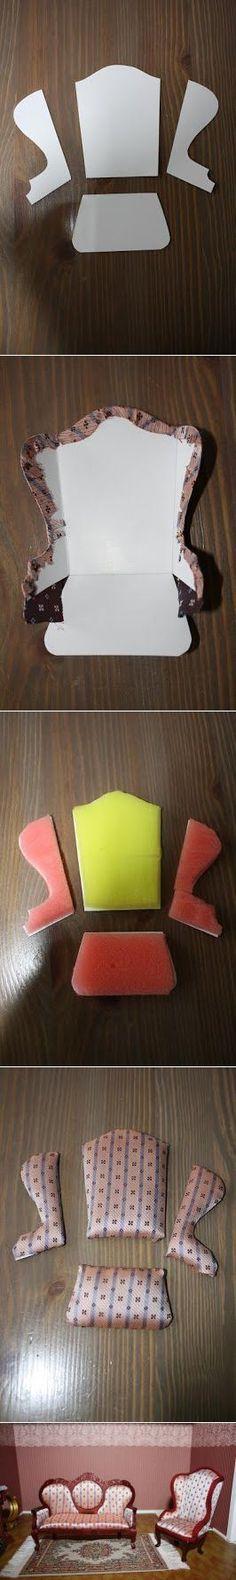 Miniatyr stol ol instruksjoner Кресло - Как сделать Кукольный домик,кукольную мебель,кукол и кукольную миниатюру.